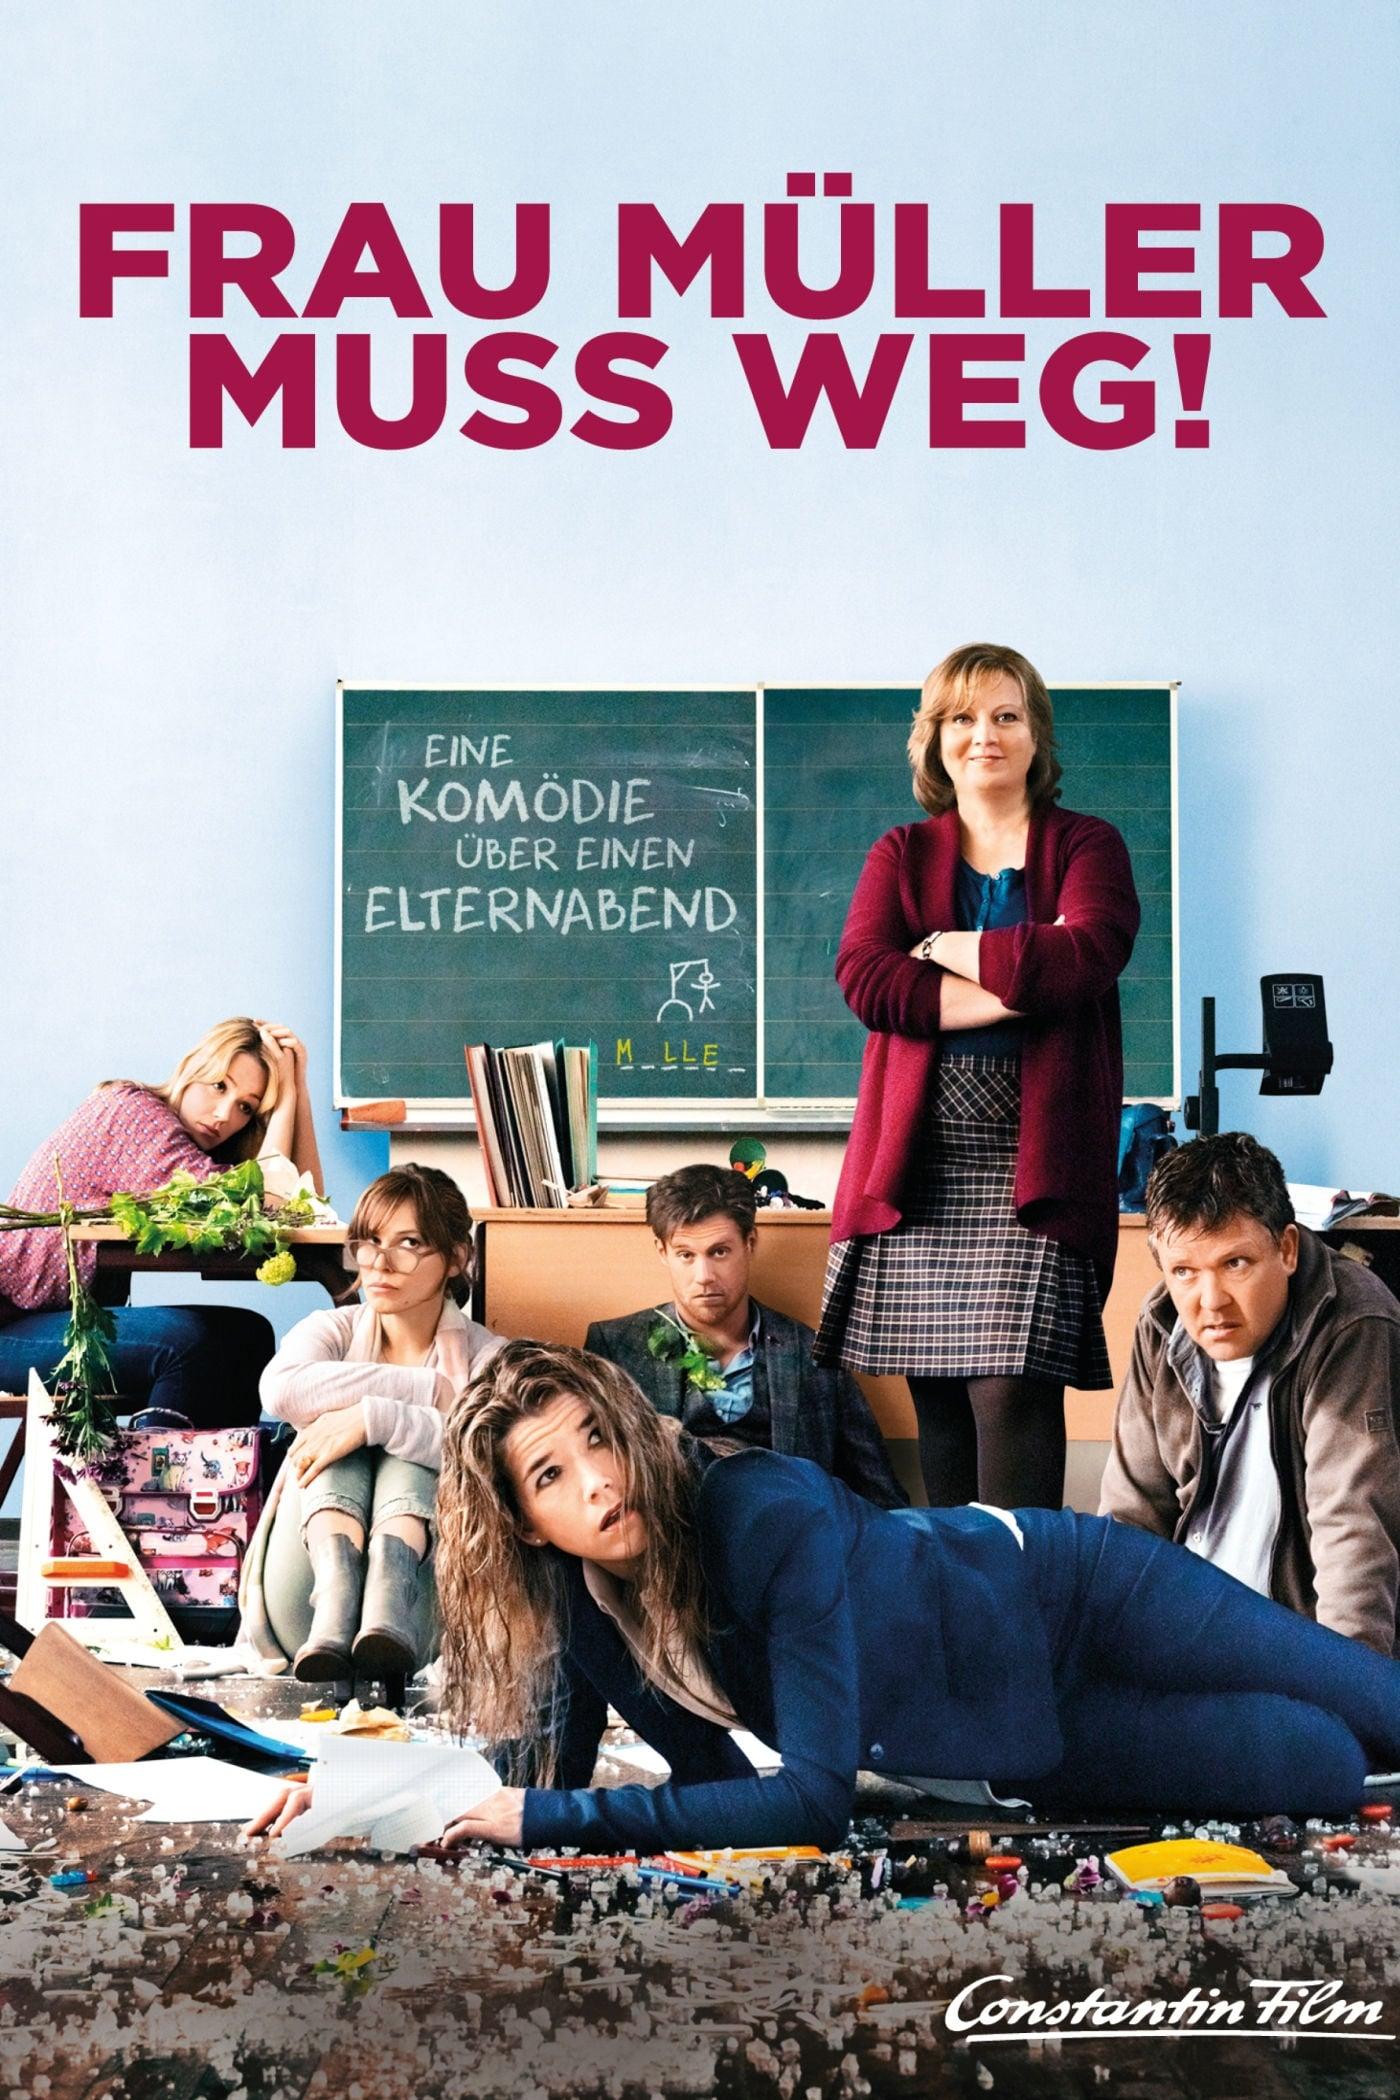 Frau Müller muss weg! (2015)